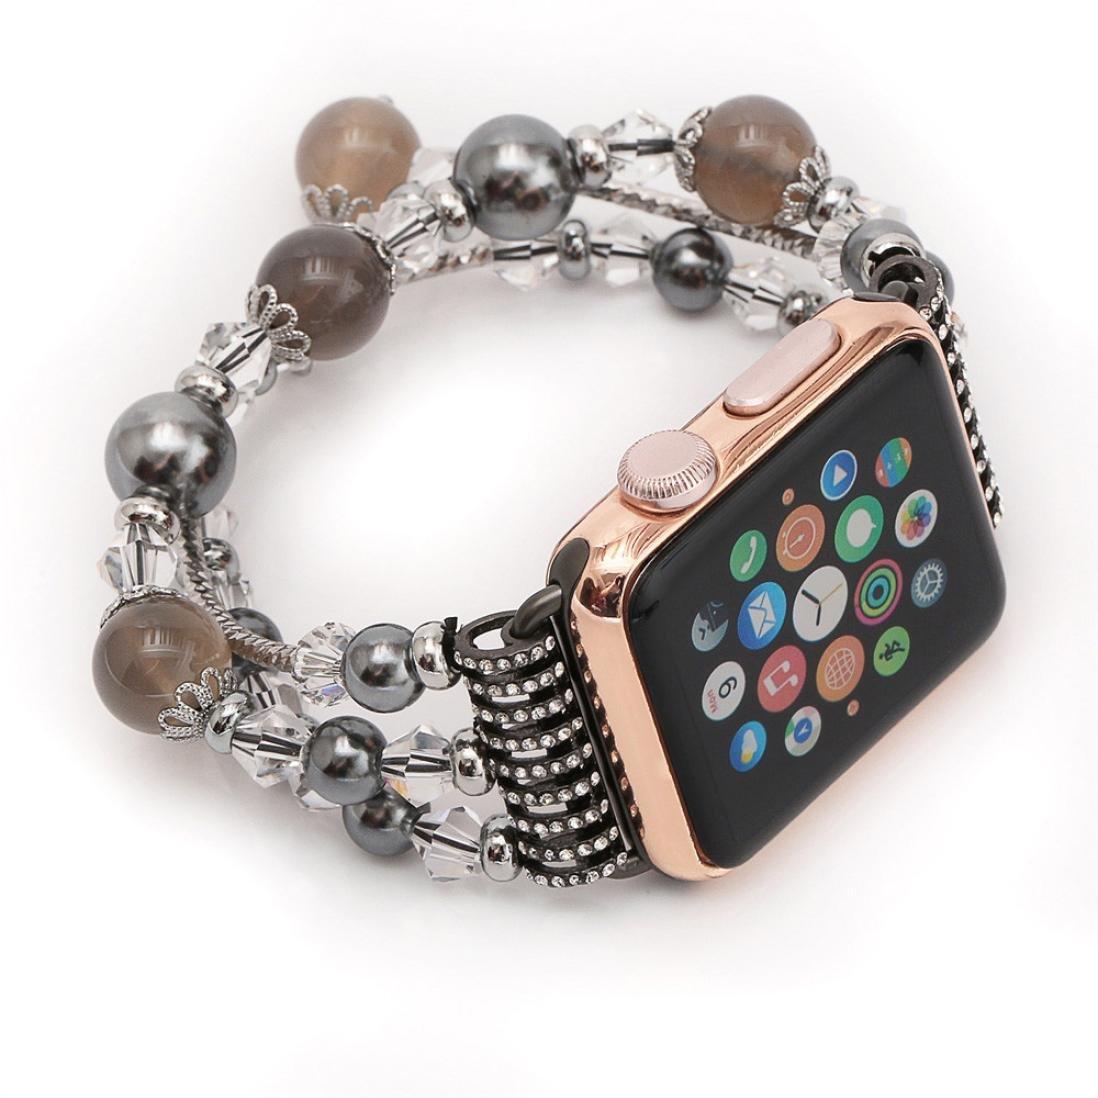 ファッションバンド、Ankolaビーズ付き腕時計ストラップスポーツ手首ブレスレットバンドfor Apple Watch 38 mm / 42 mm 38mm C 38mm|C C 38mm B072C2C39B